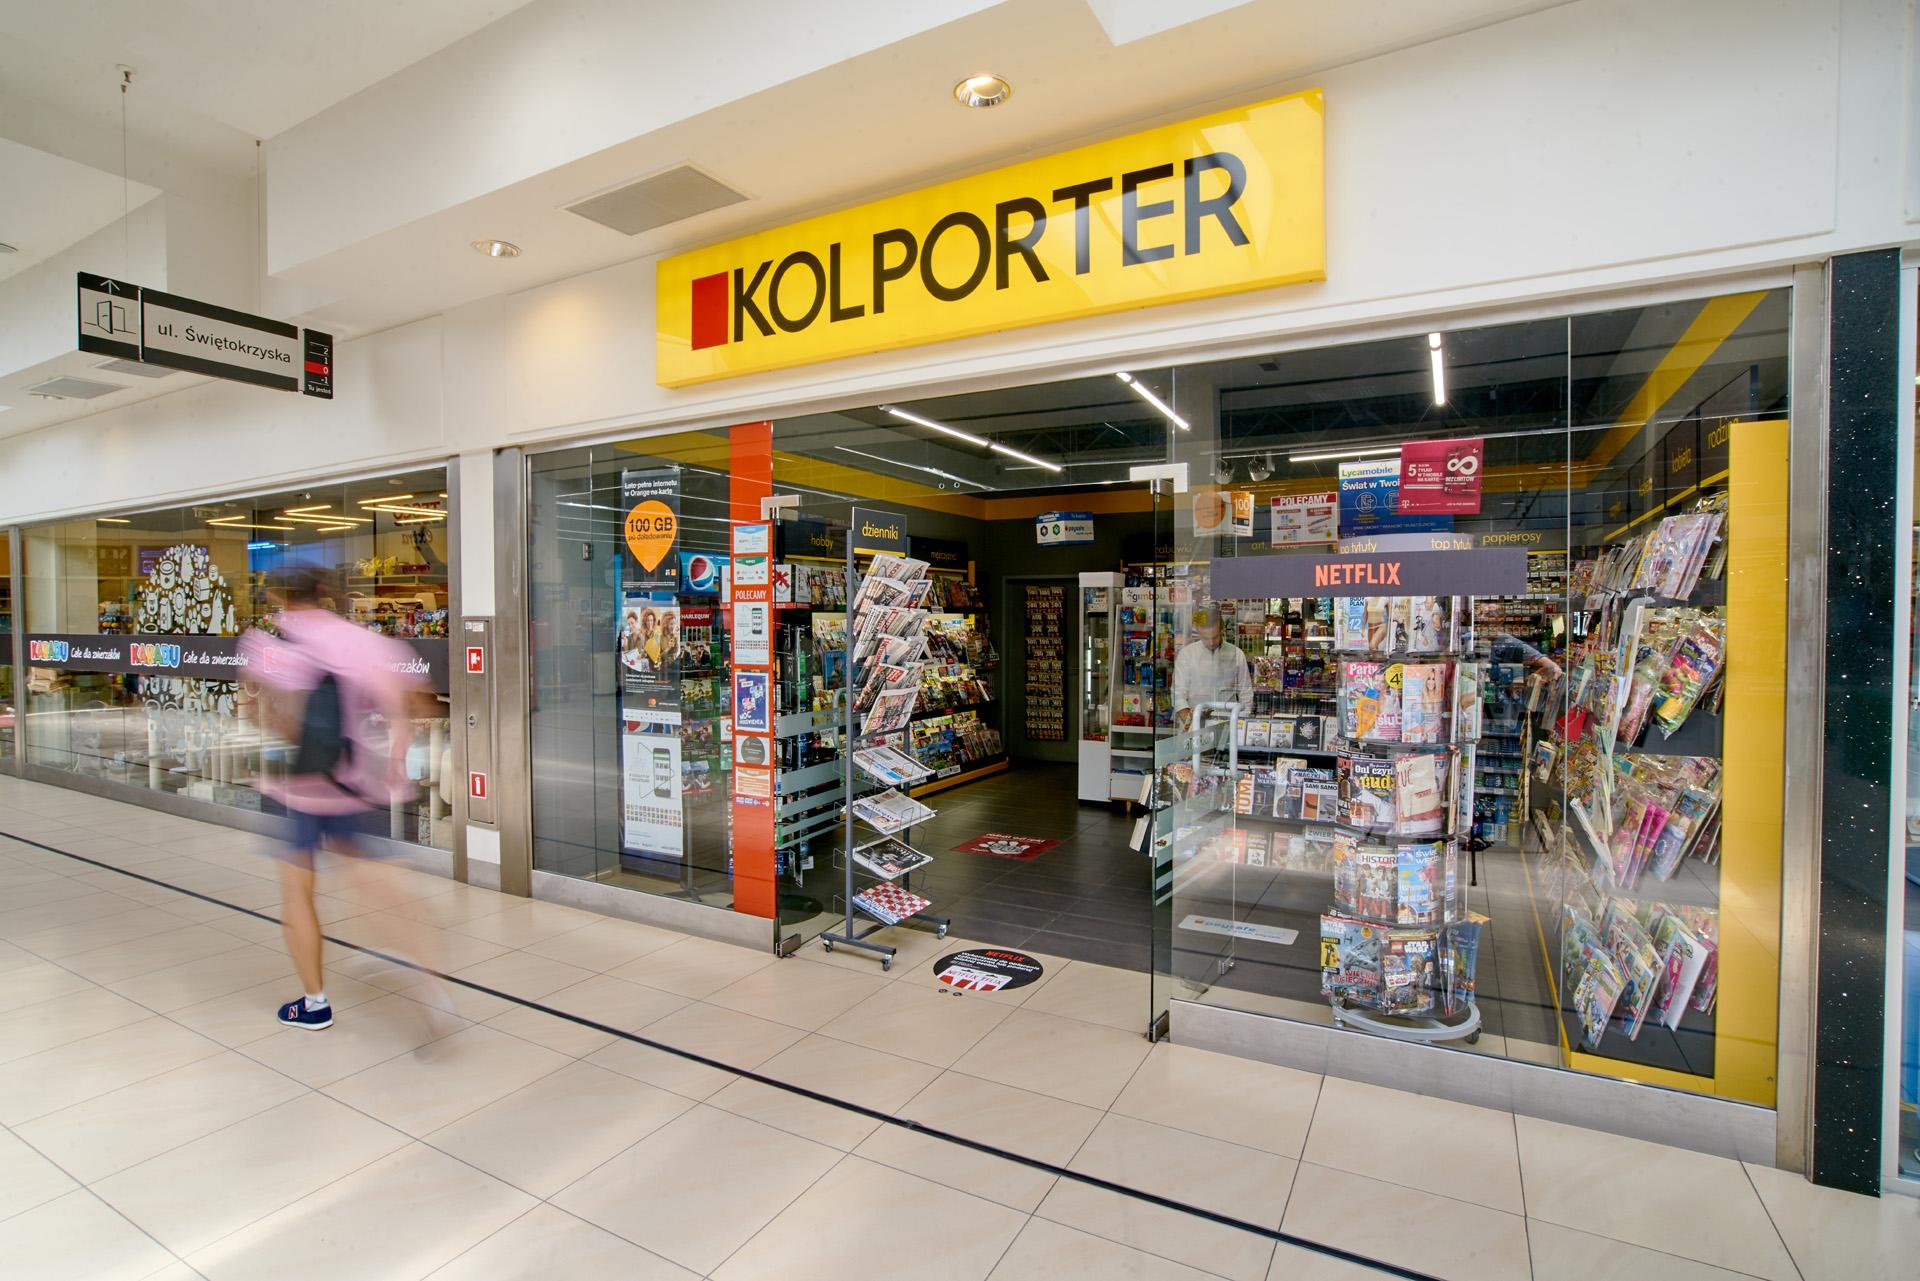 Kolporter rezygnuje z plastikowych reklamówek